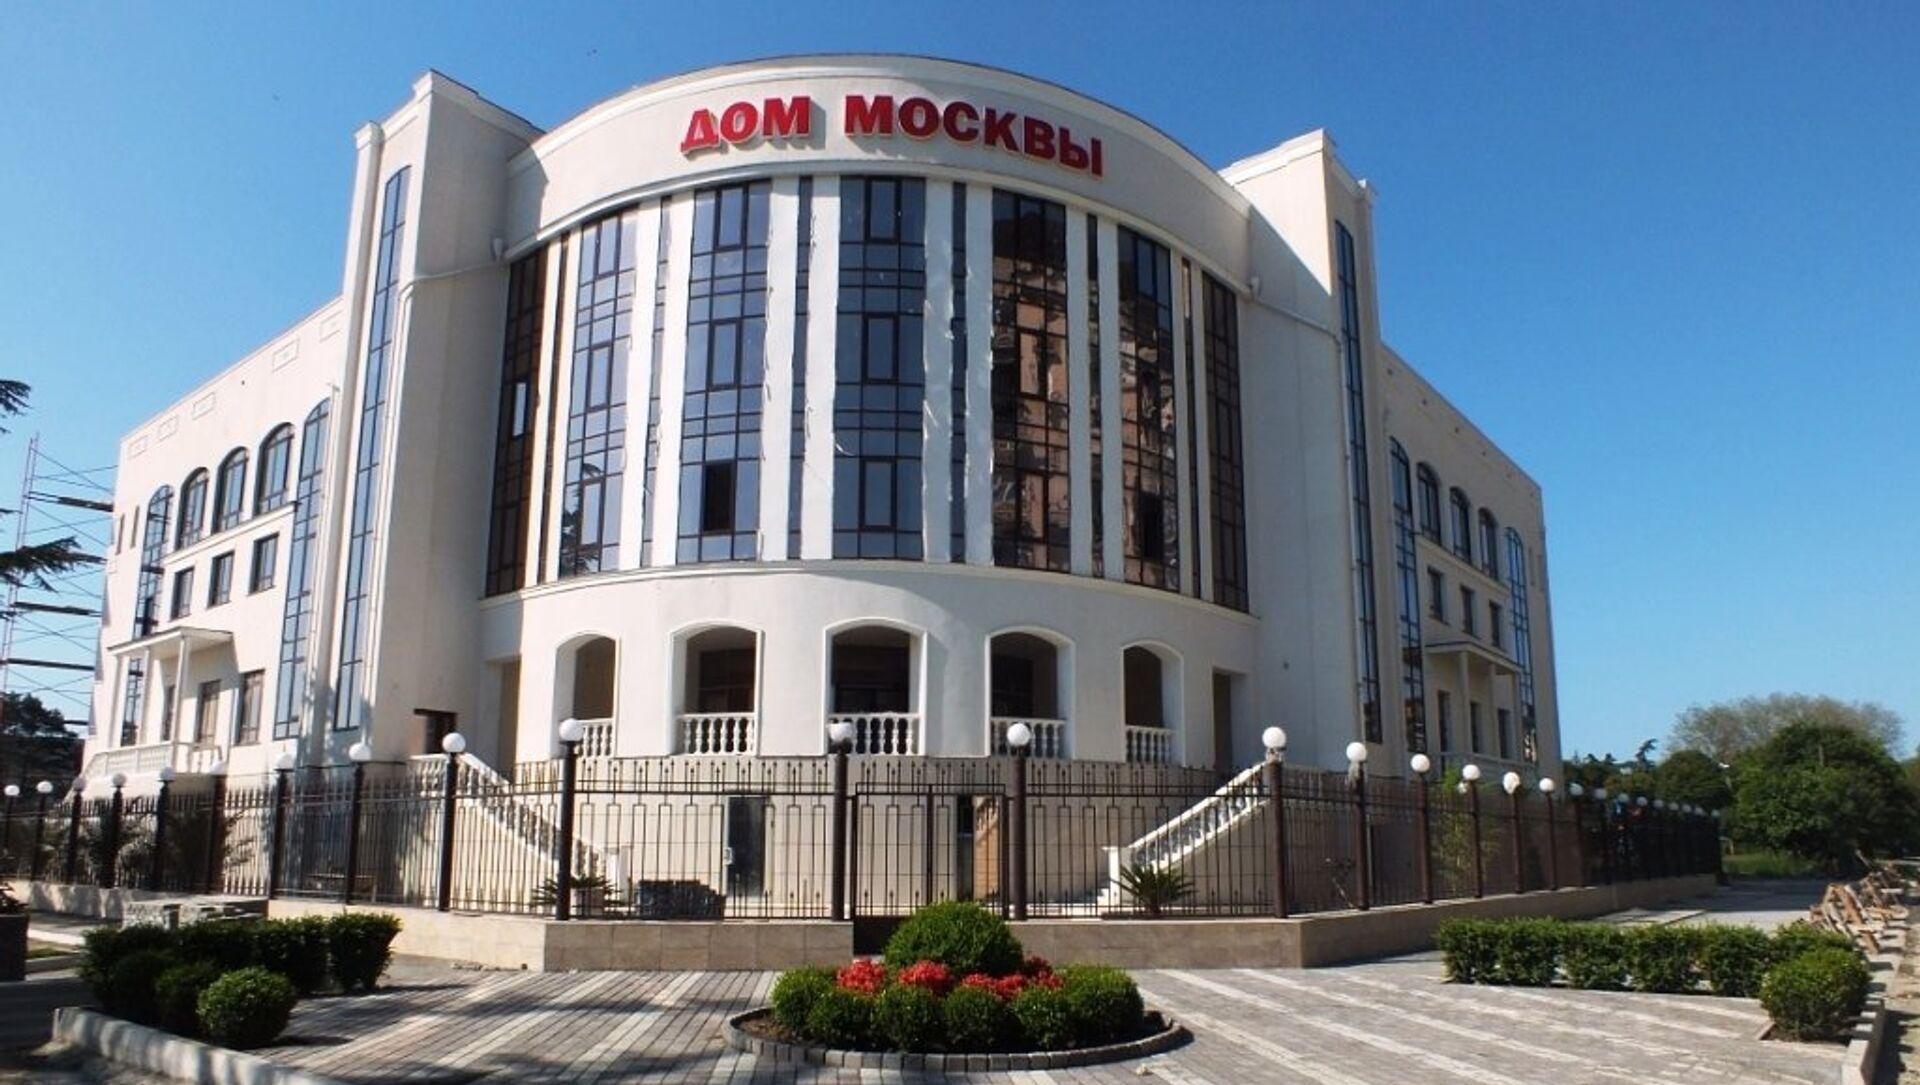 Дом Москвы - Sputnik Абхазия, 1920, 07.10.2021